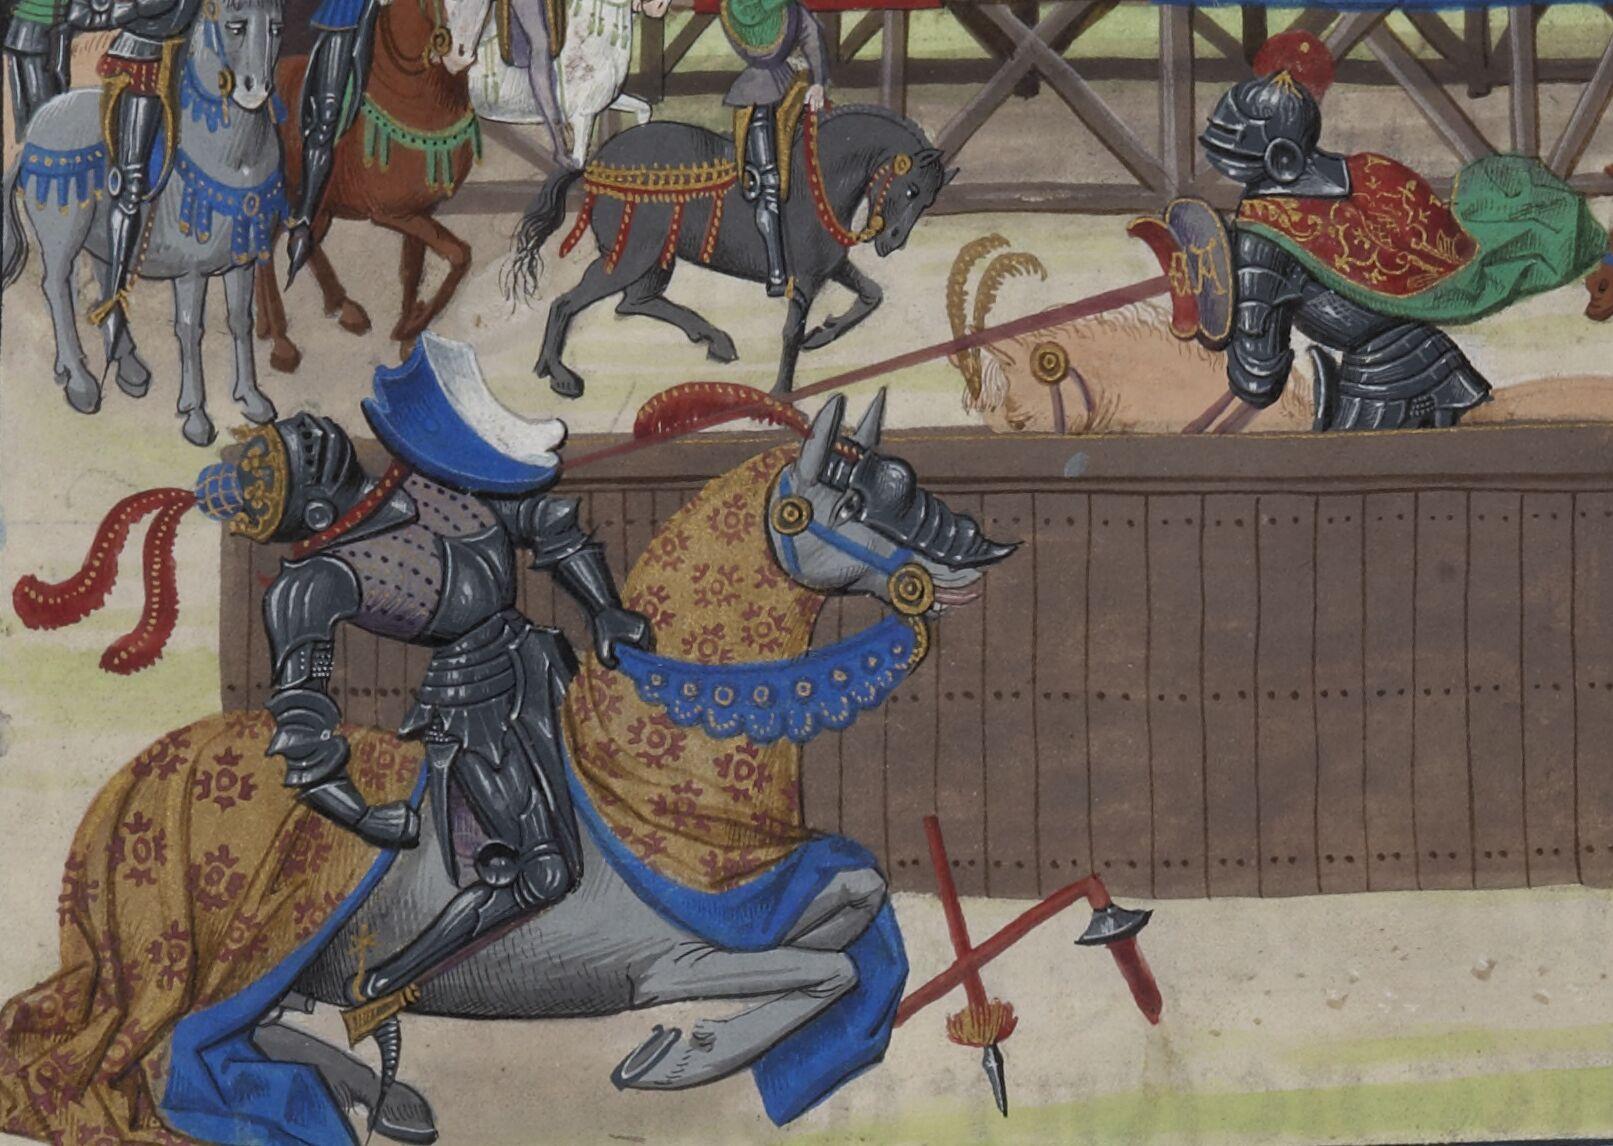 « L'istoire de Olivier de Castille et de Artus d'Algarbe, son treschier amy et loial compaignon ; » traduction française de David AUBERT